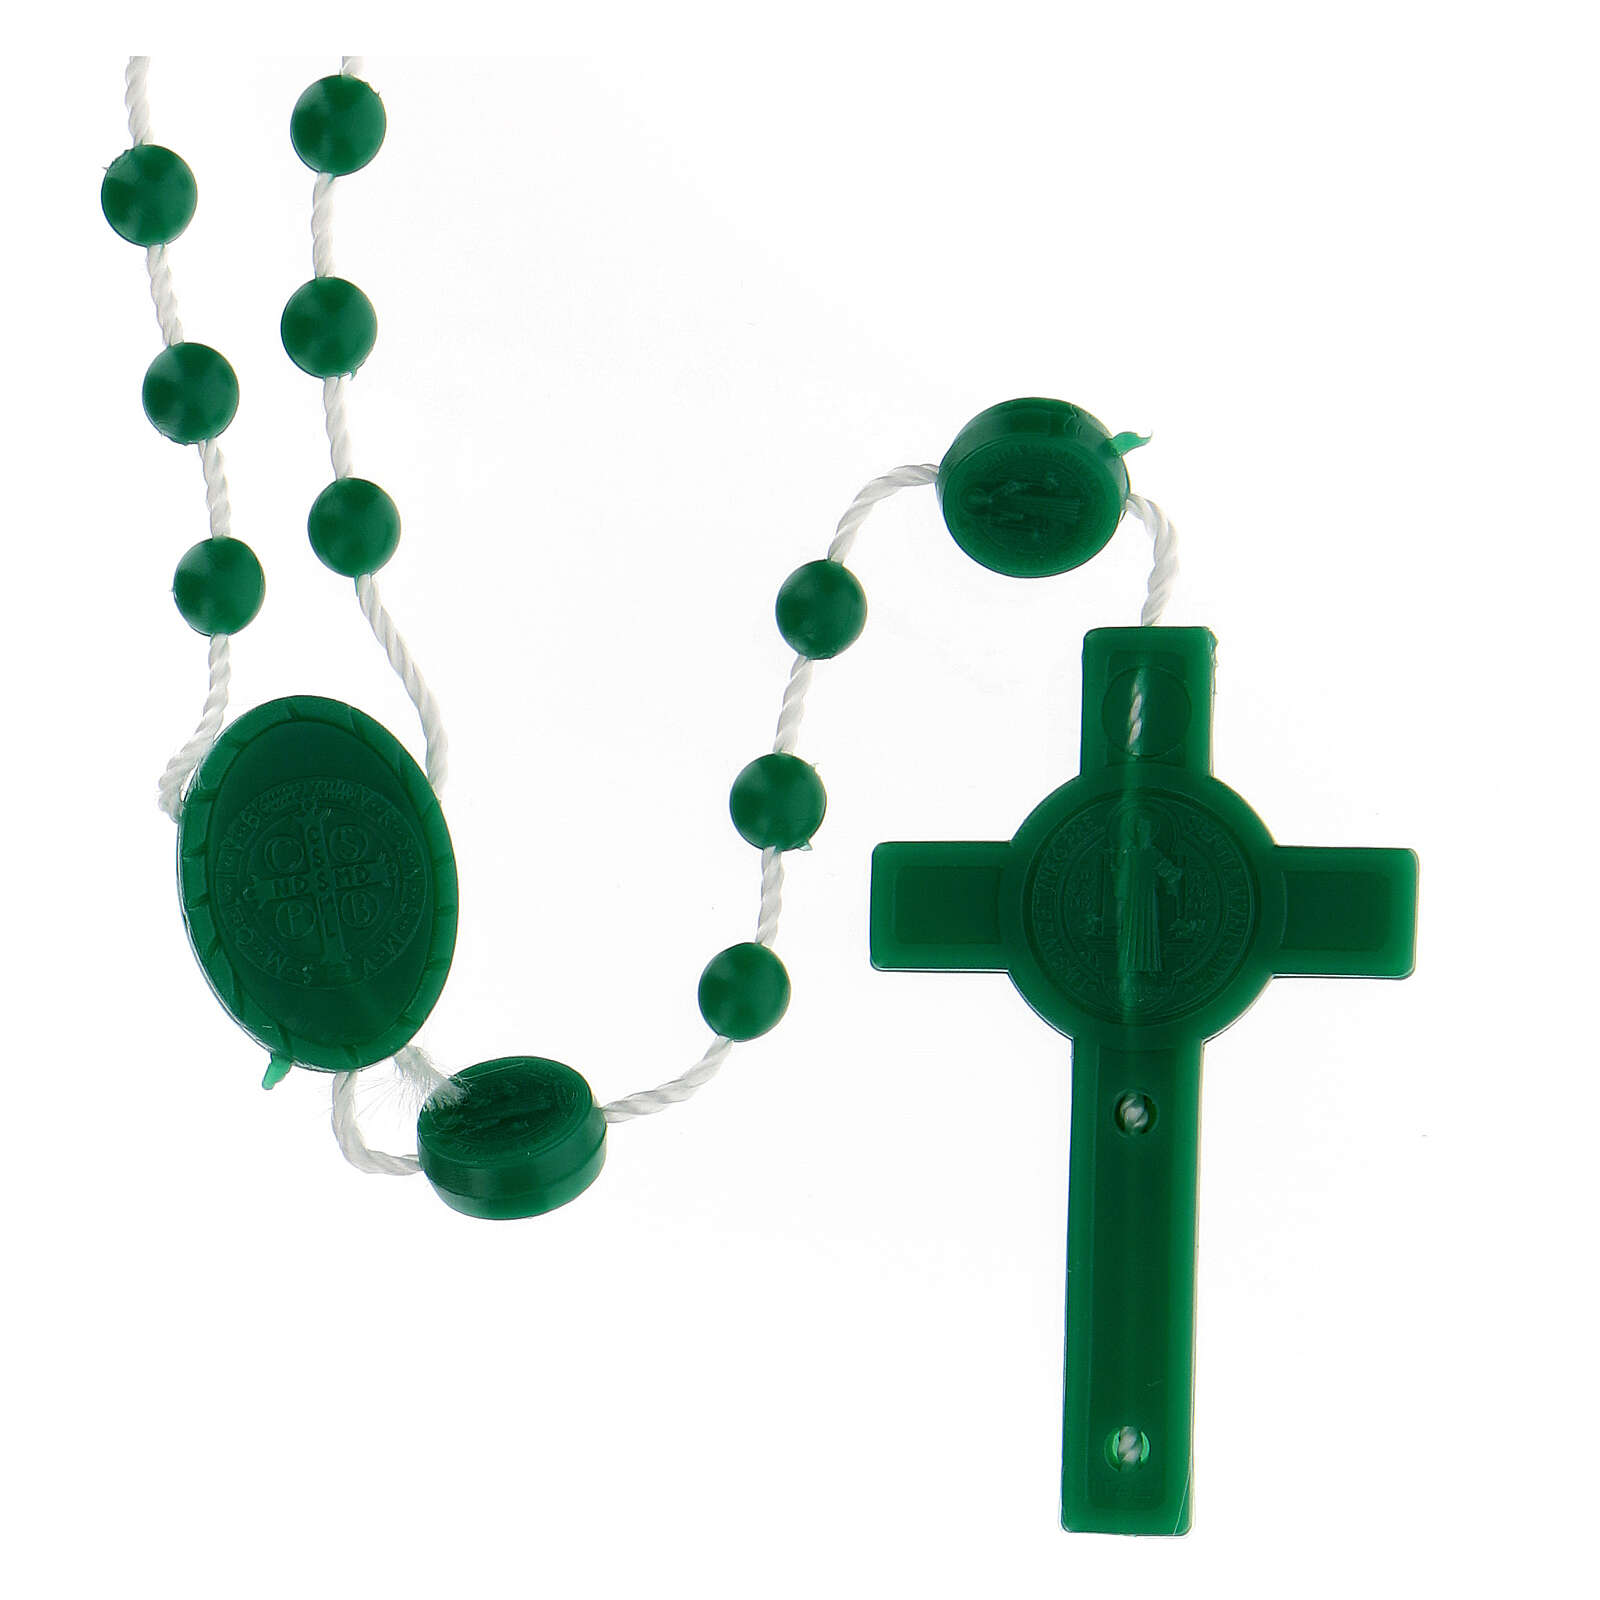 STOCK Chapelet St Benoît nylon vert 4 mm 4